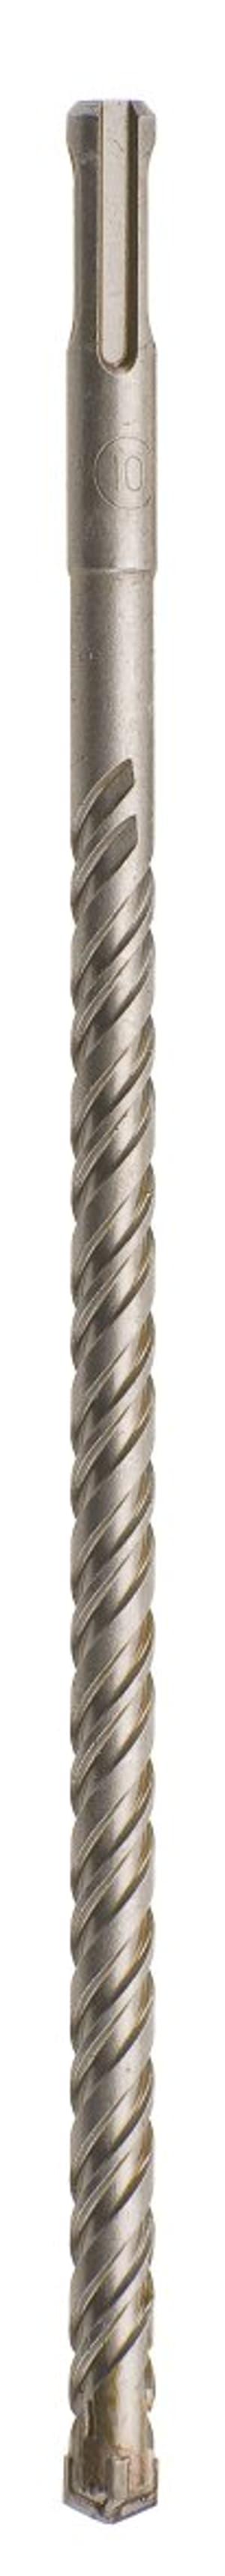 Hammerbohrer, 260/200 mm, ø 14 mm